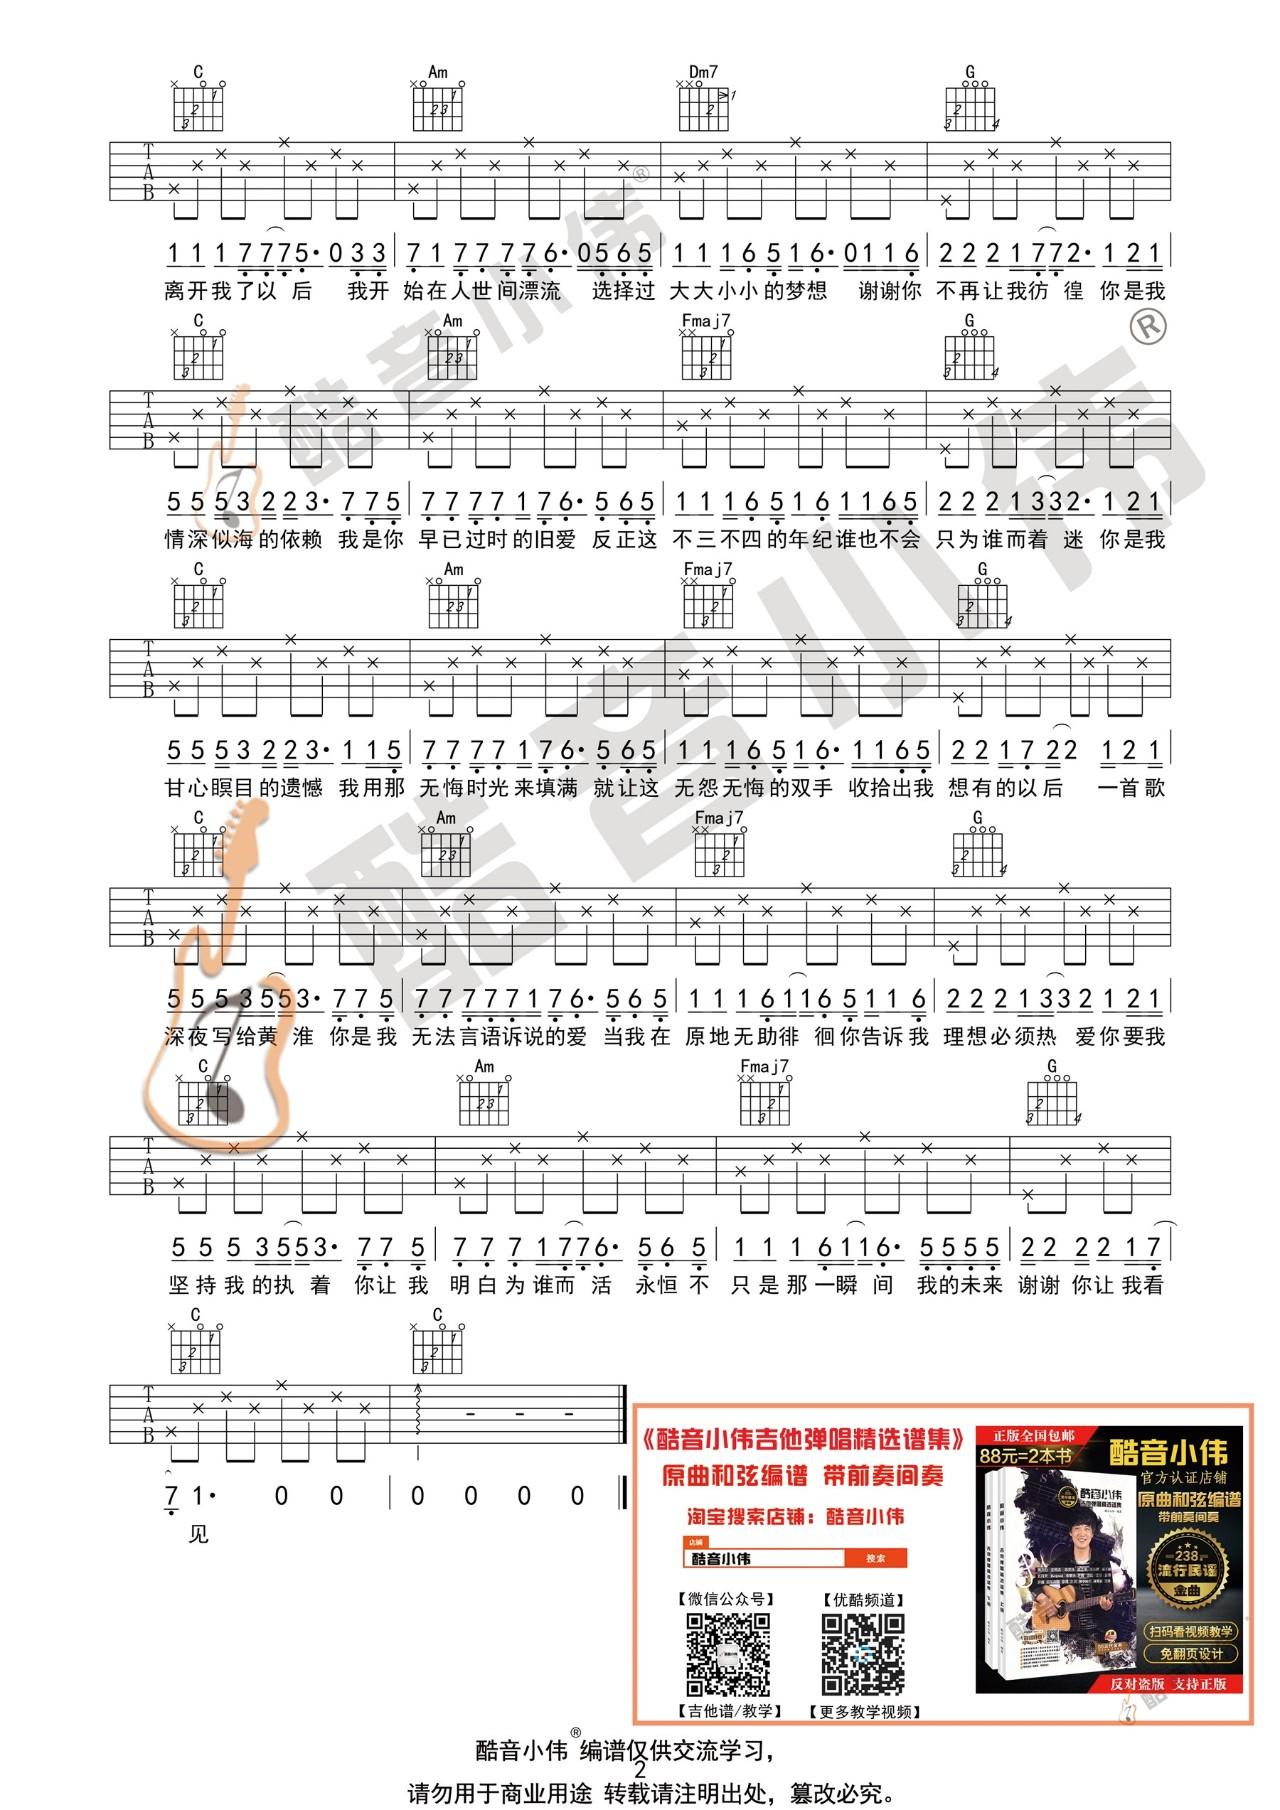 吉他派《写给黄淮》吉他谱-5